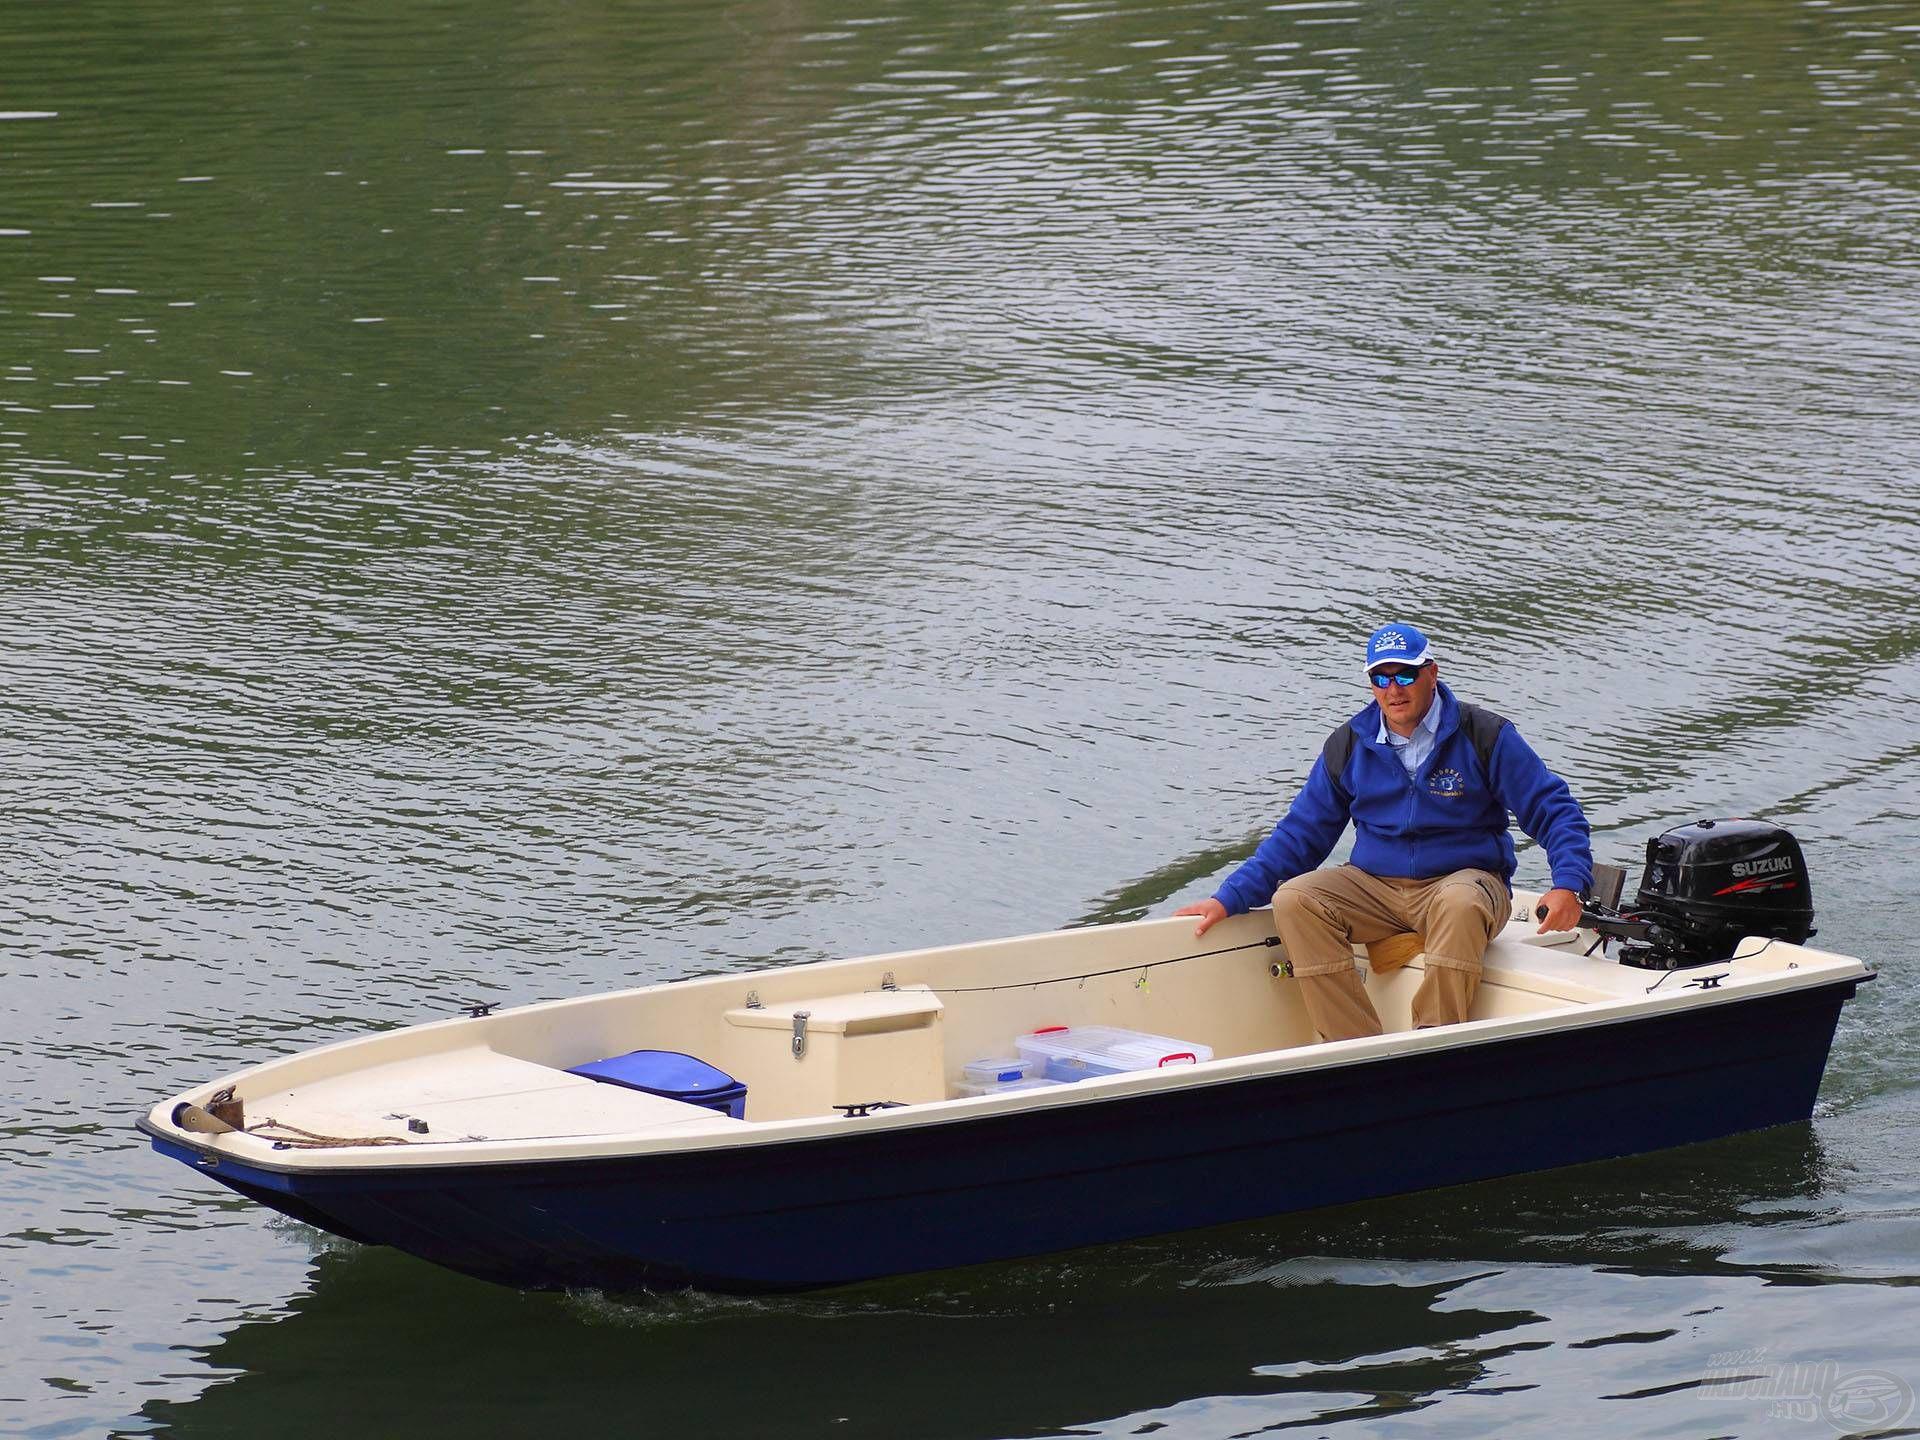 Nekem nagyon bejött ez a csónak